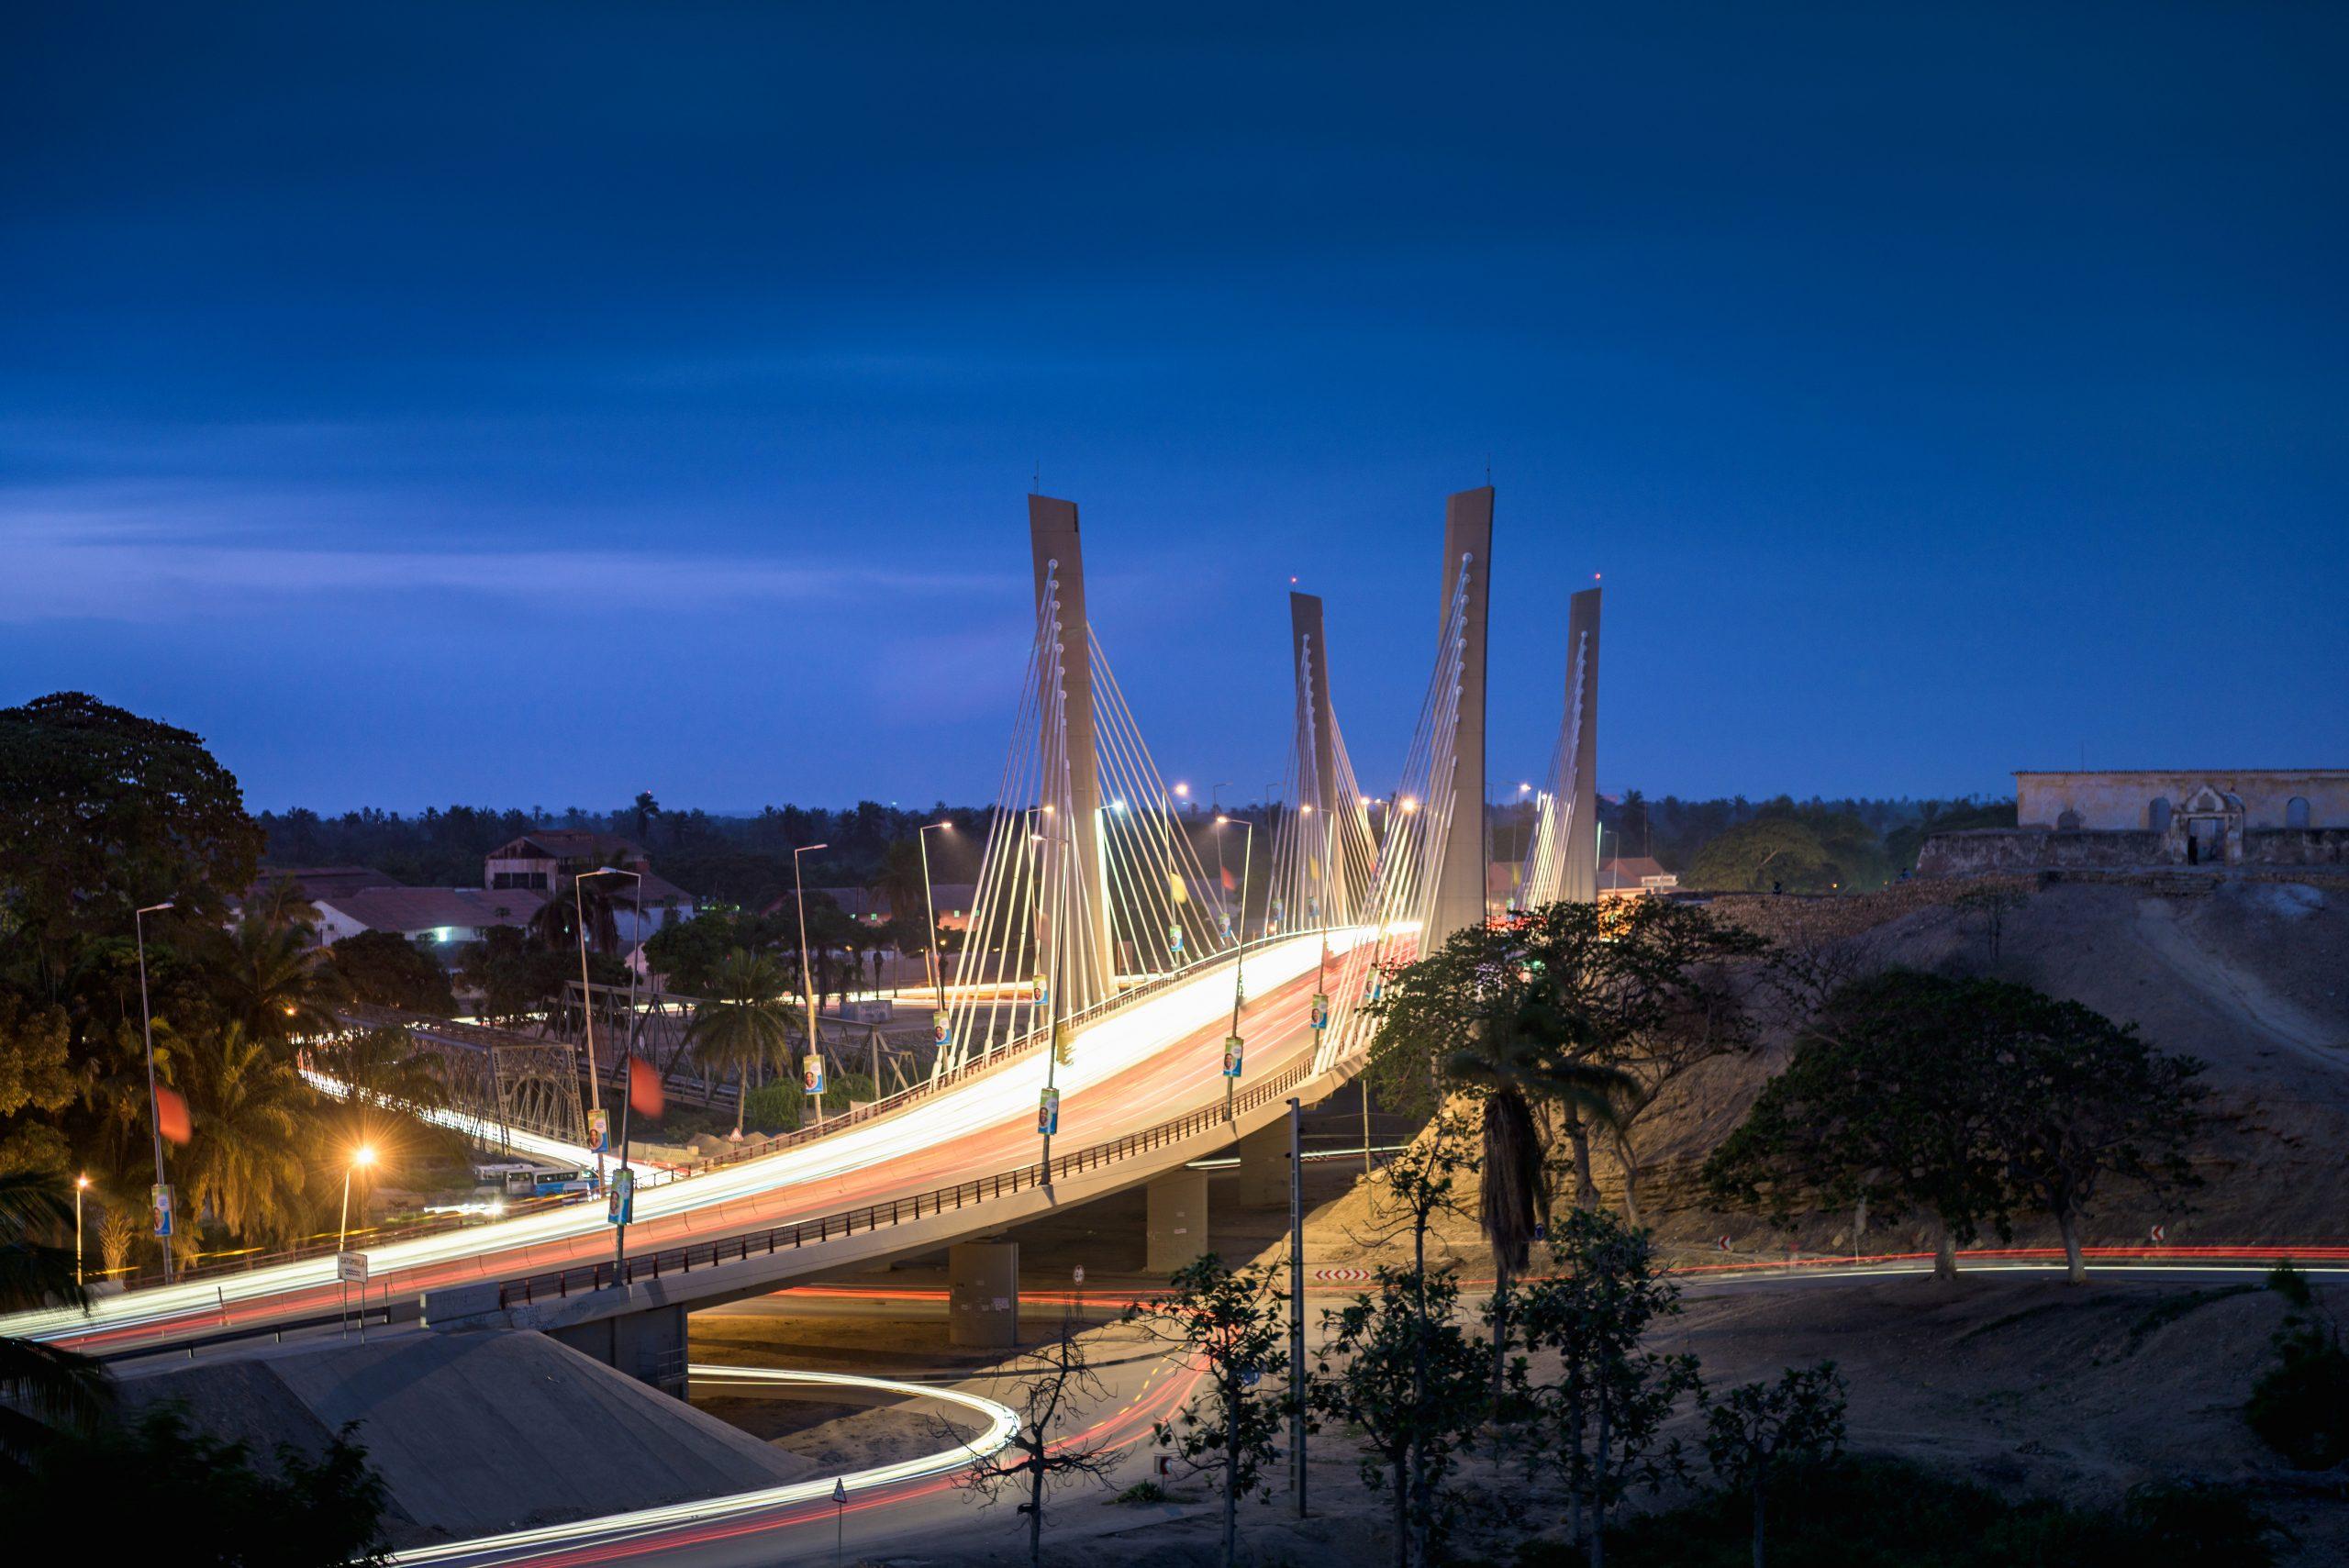 Ponte da Catumbela